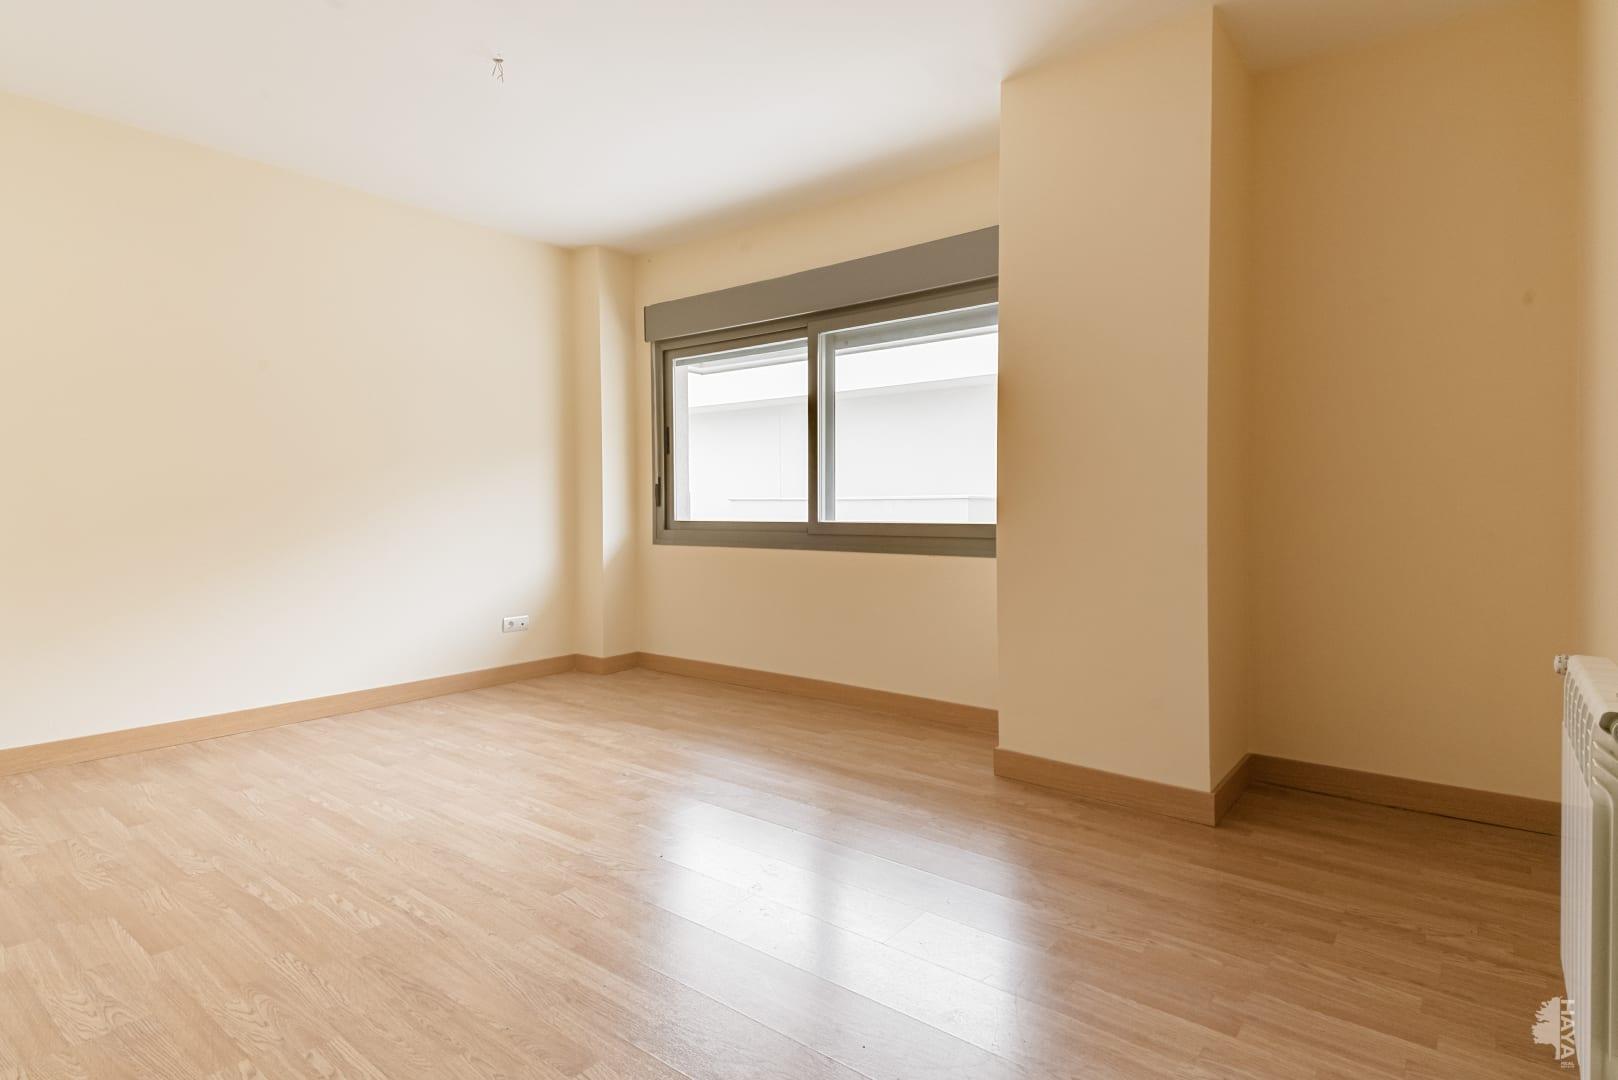 Piso en venta en Casa de Roque, Navalcarnero, Madrid, Calle Pino Canario, 162.750 €, 3 habitaciones, 2 baños, 128 m2